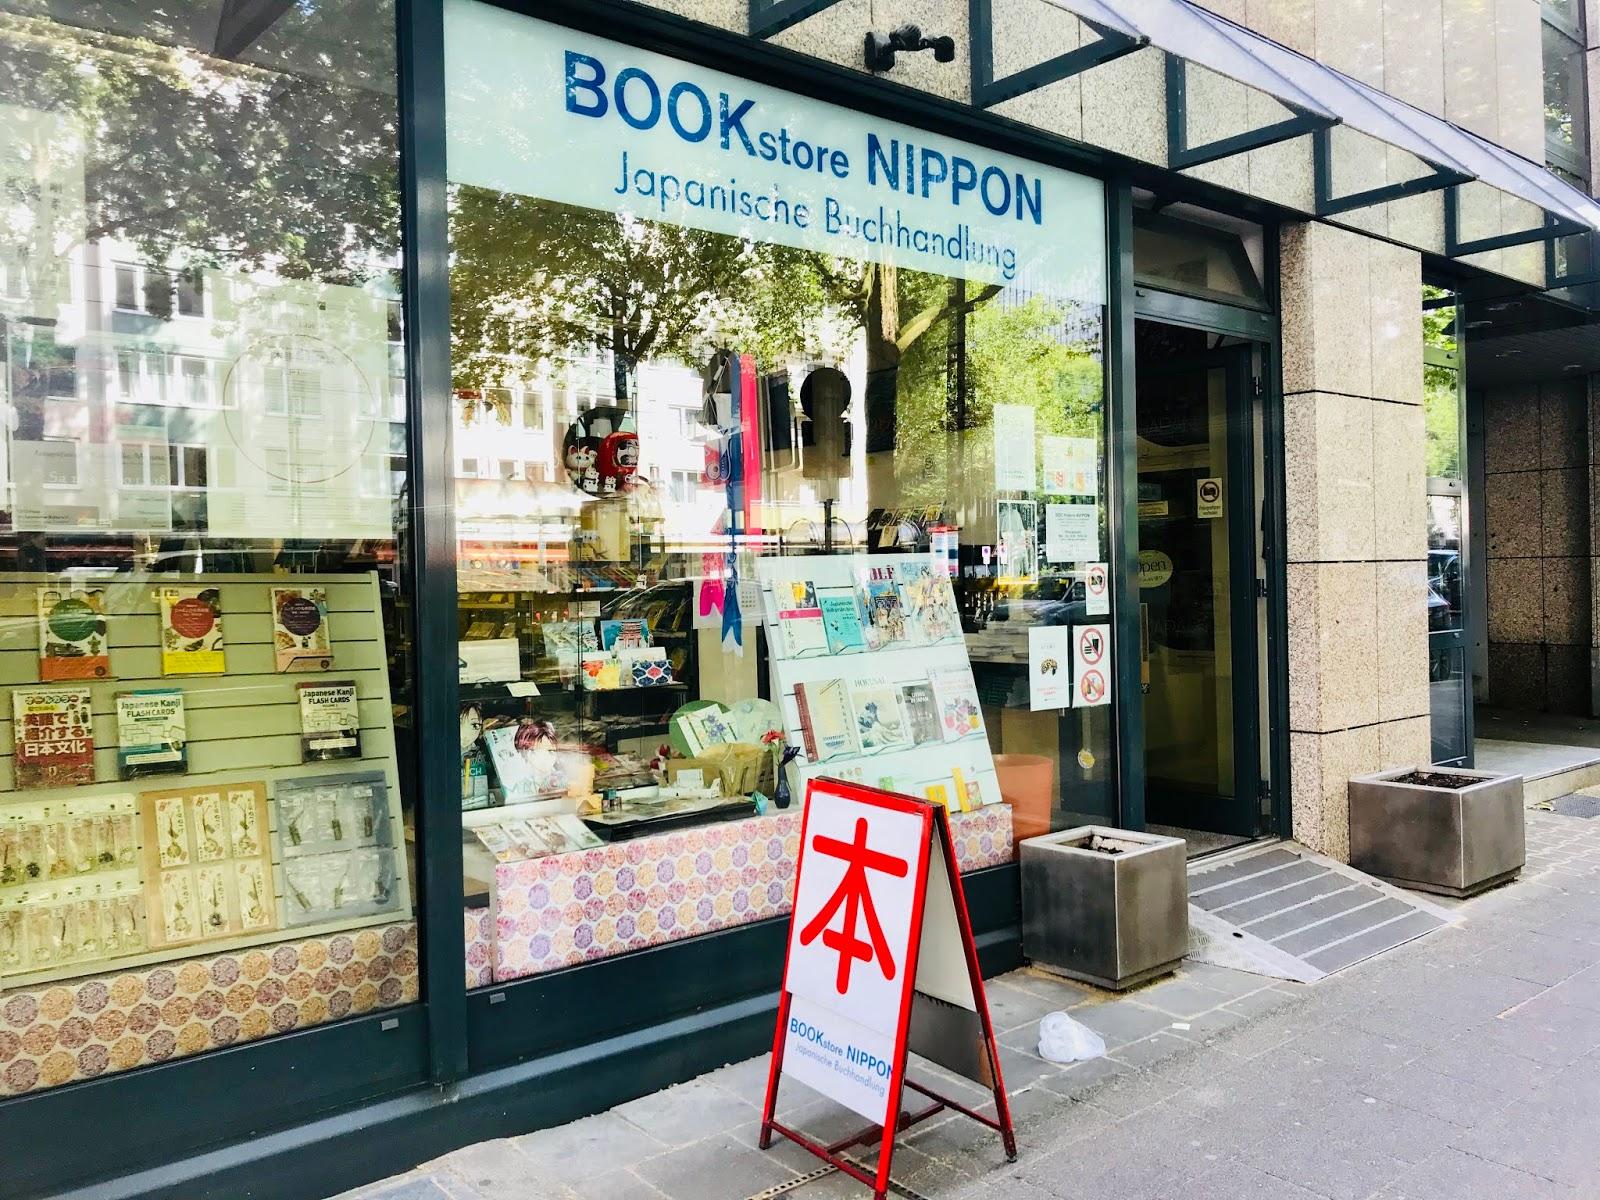 nippon bookstore düsseldorf